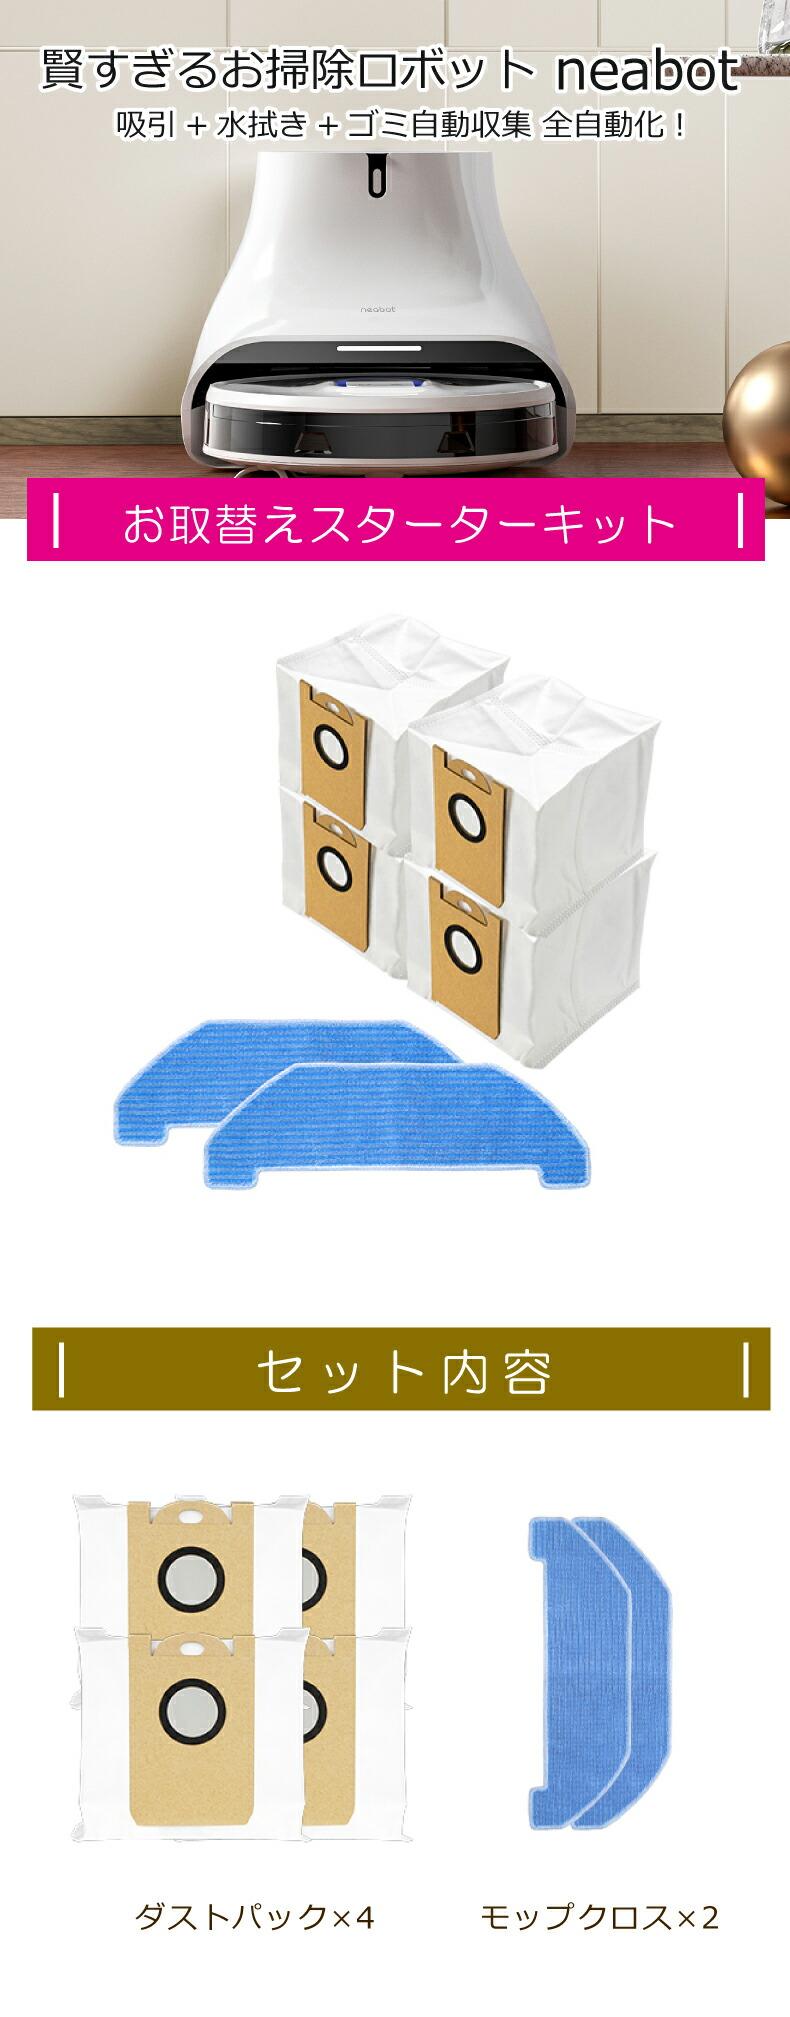 話題の全自動お掃除ロボットNeabot Q11付属品スターターキット